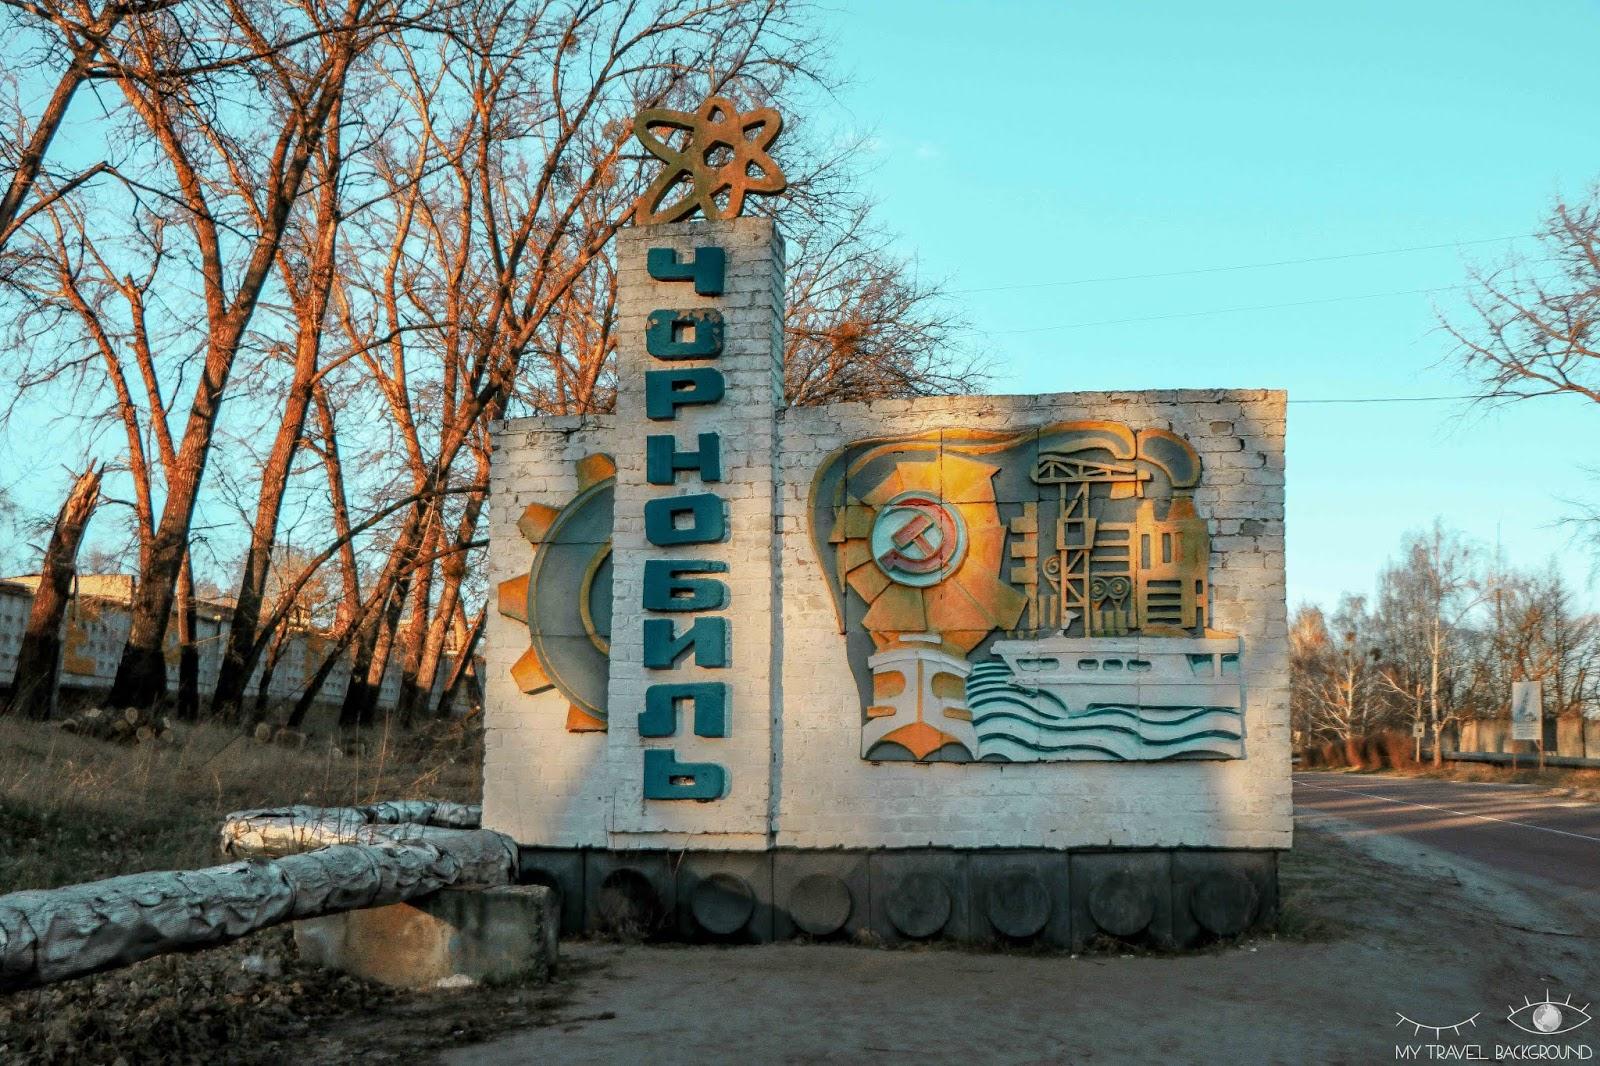 My Travel Background : une journée dans la zone d'exclusion de Tchernobyl - Panneau Tchernobyl